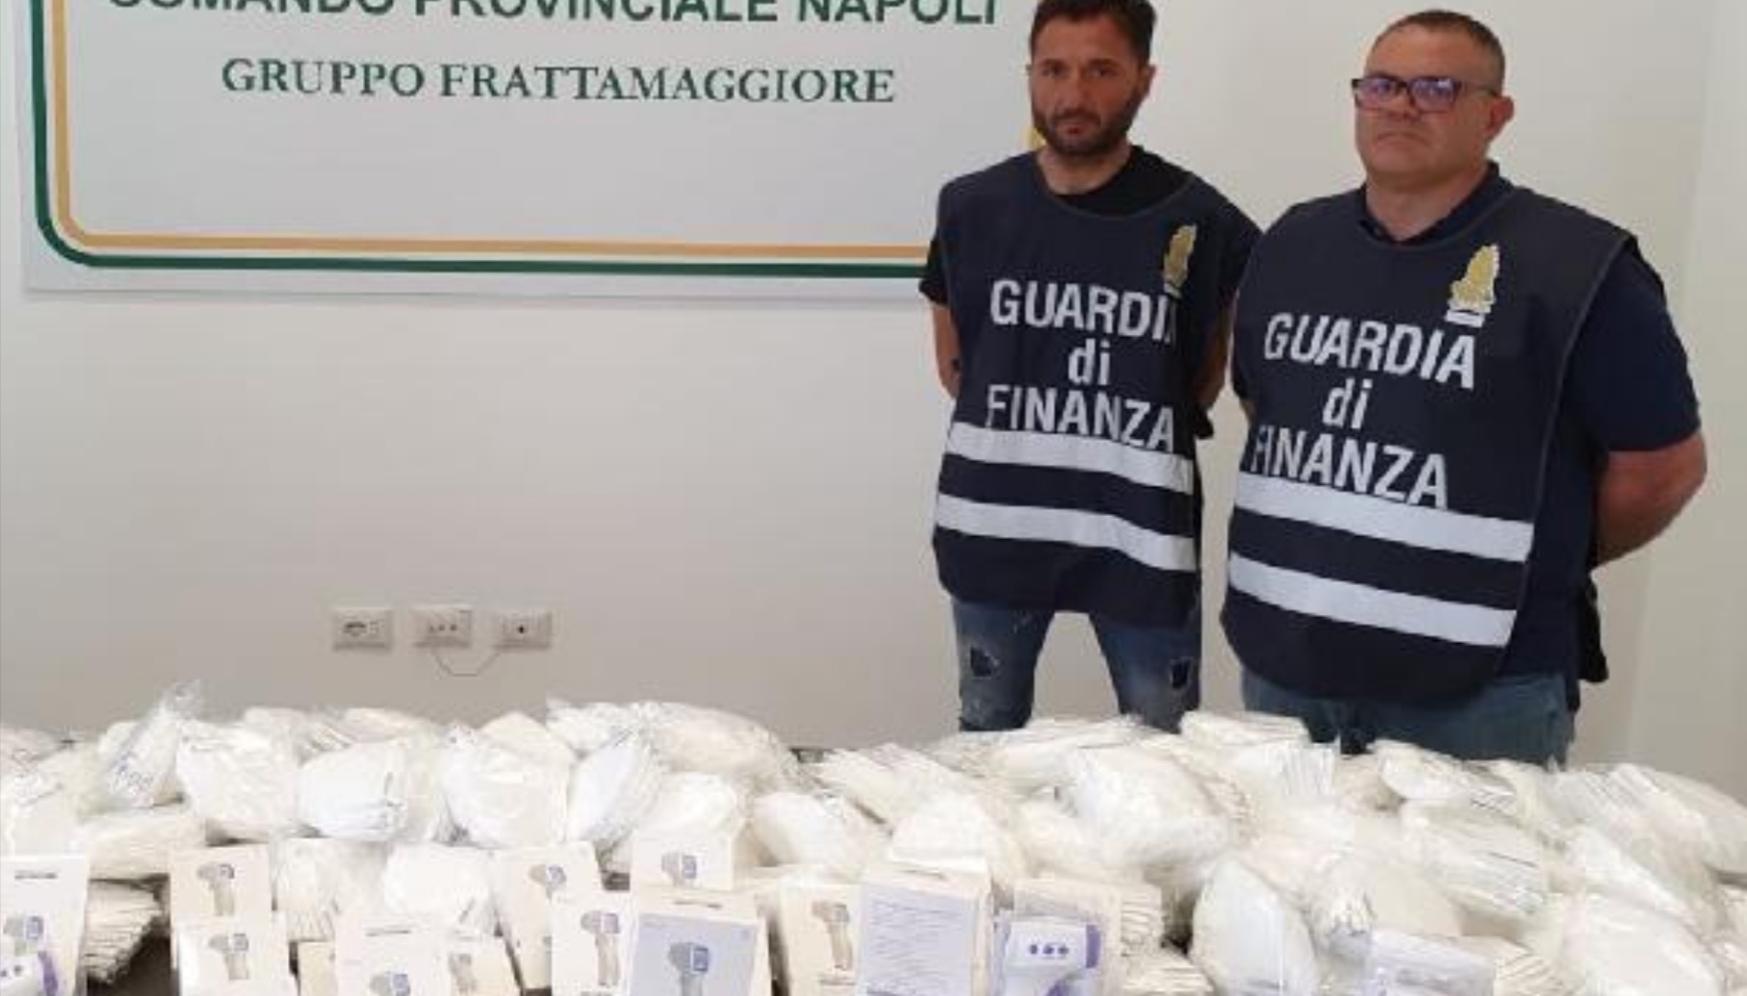 Napoli, sequestrate 100mila mascherine cinesi contraffatte e prive di autorizzazione